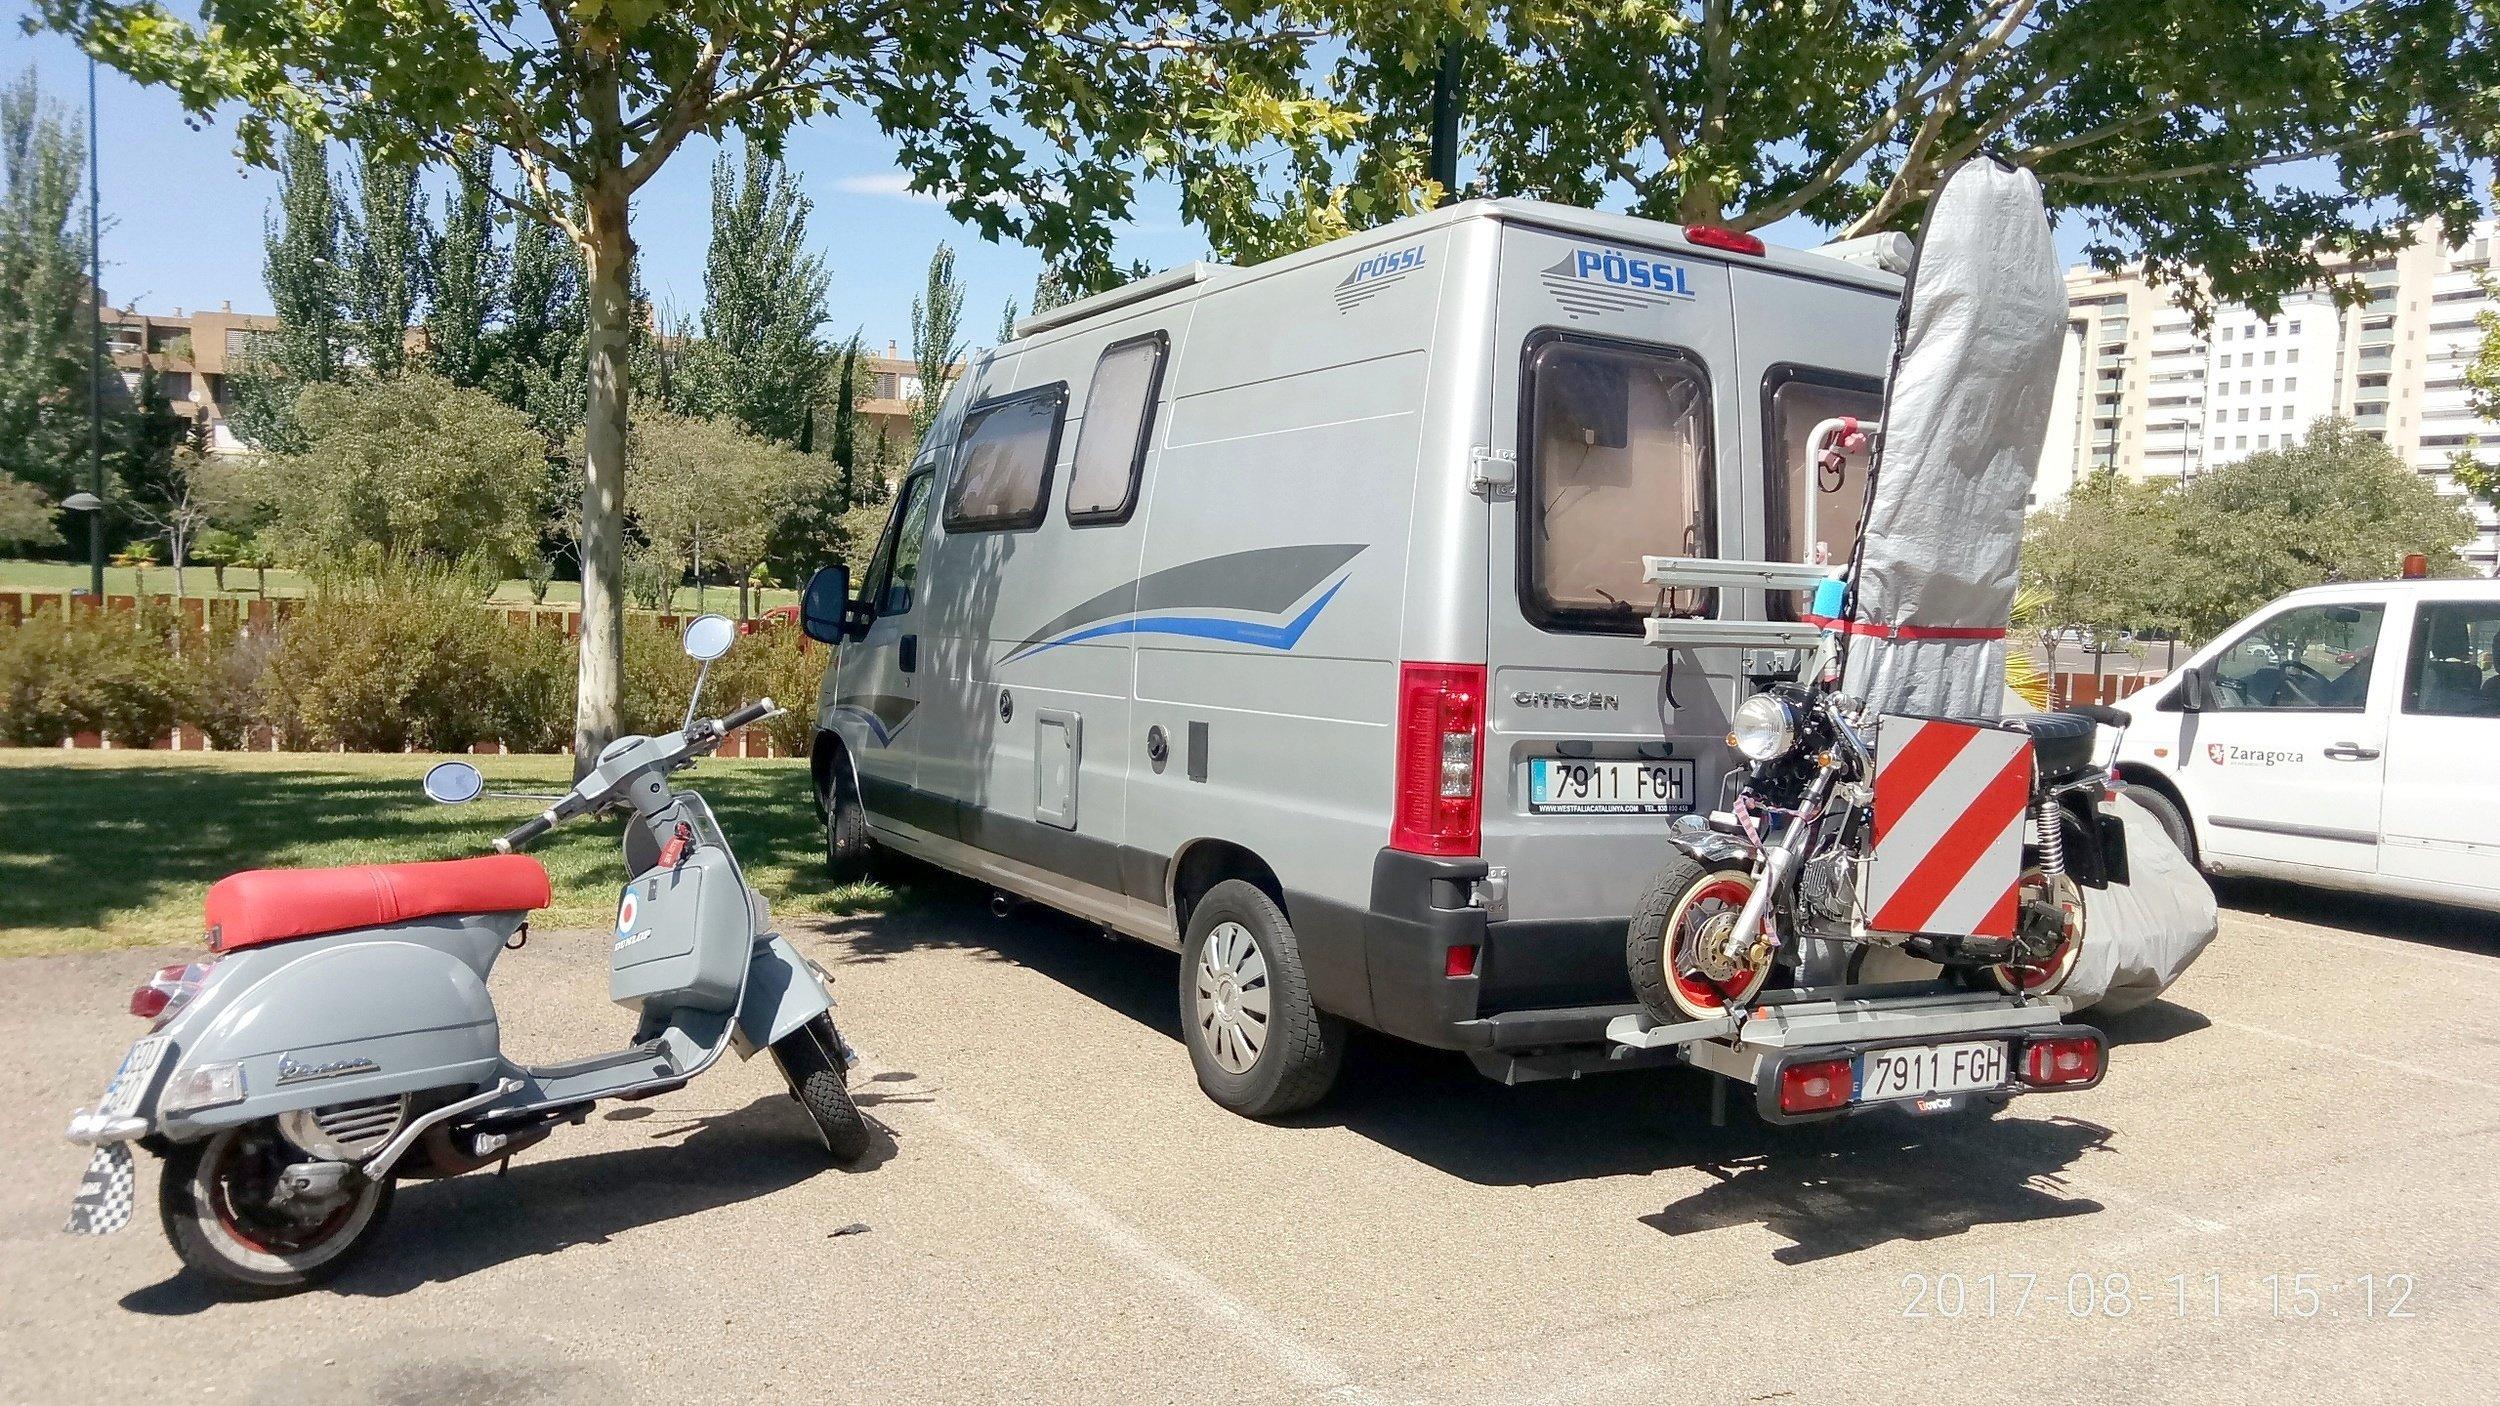 Alquiler de Autocaravanas y Furgonetas camper - Zaragoza | Yescapa